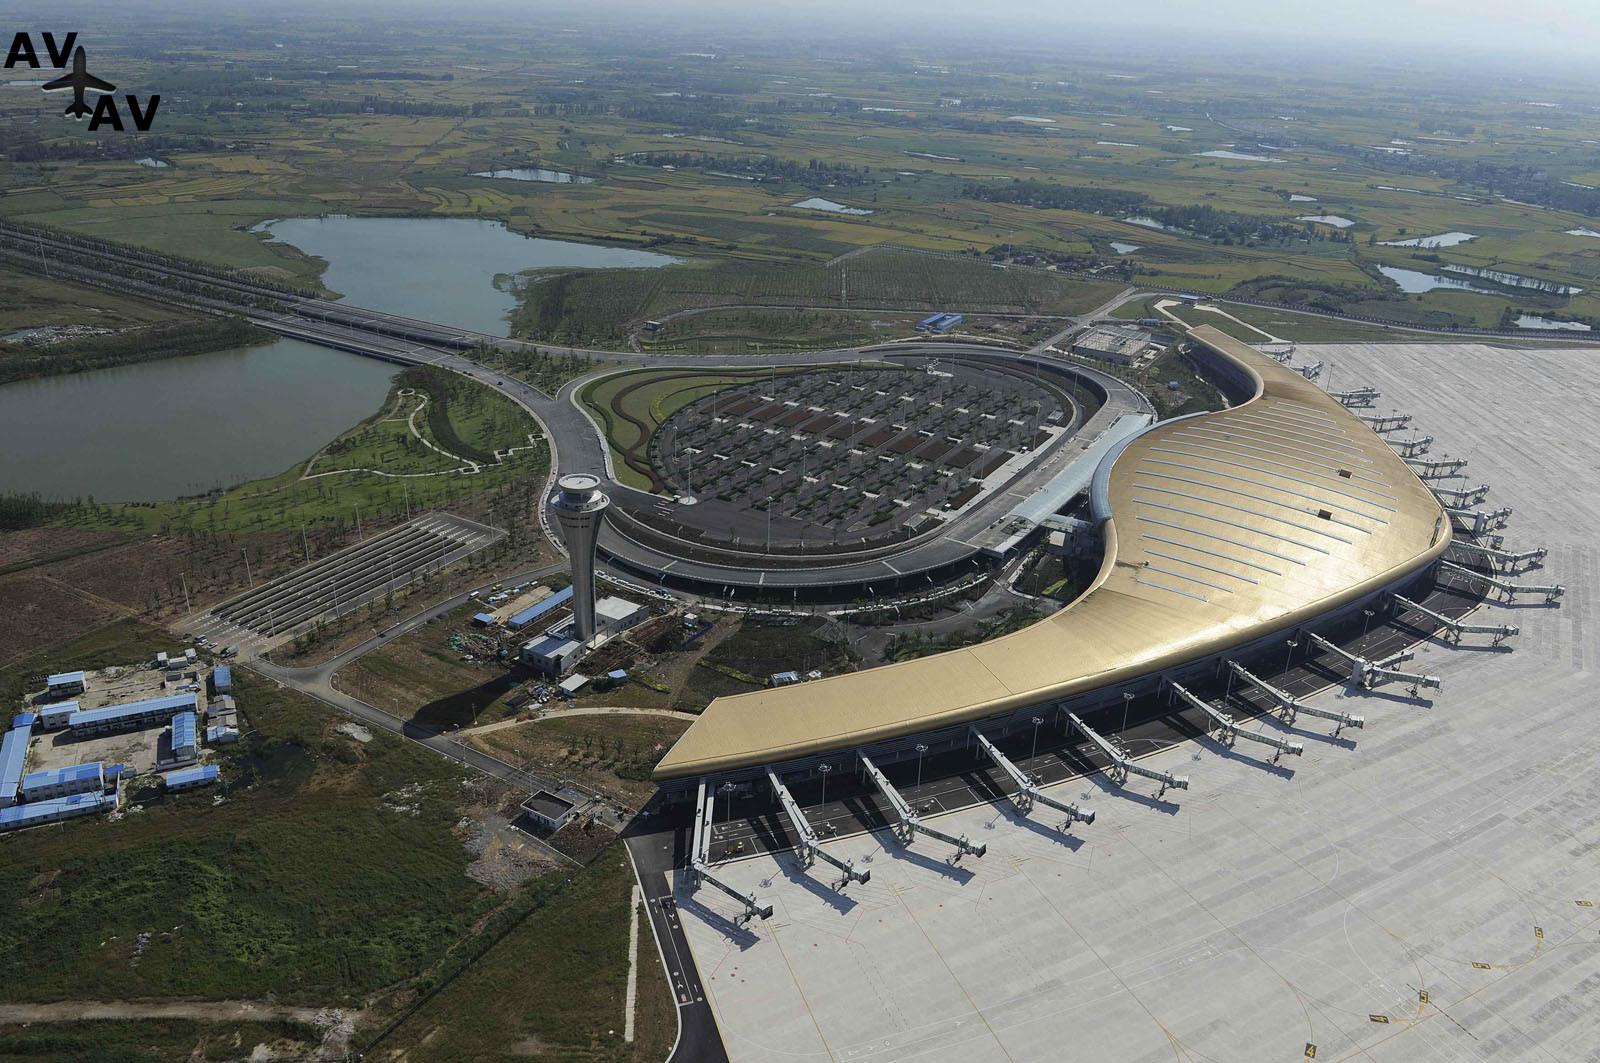 Малая авиация в Китае